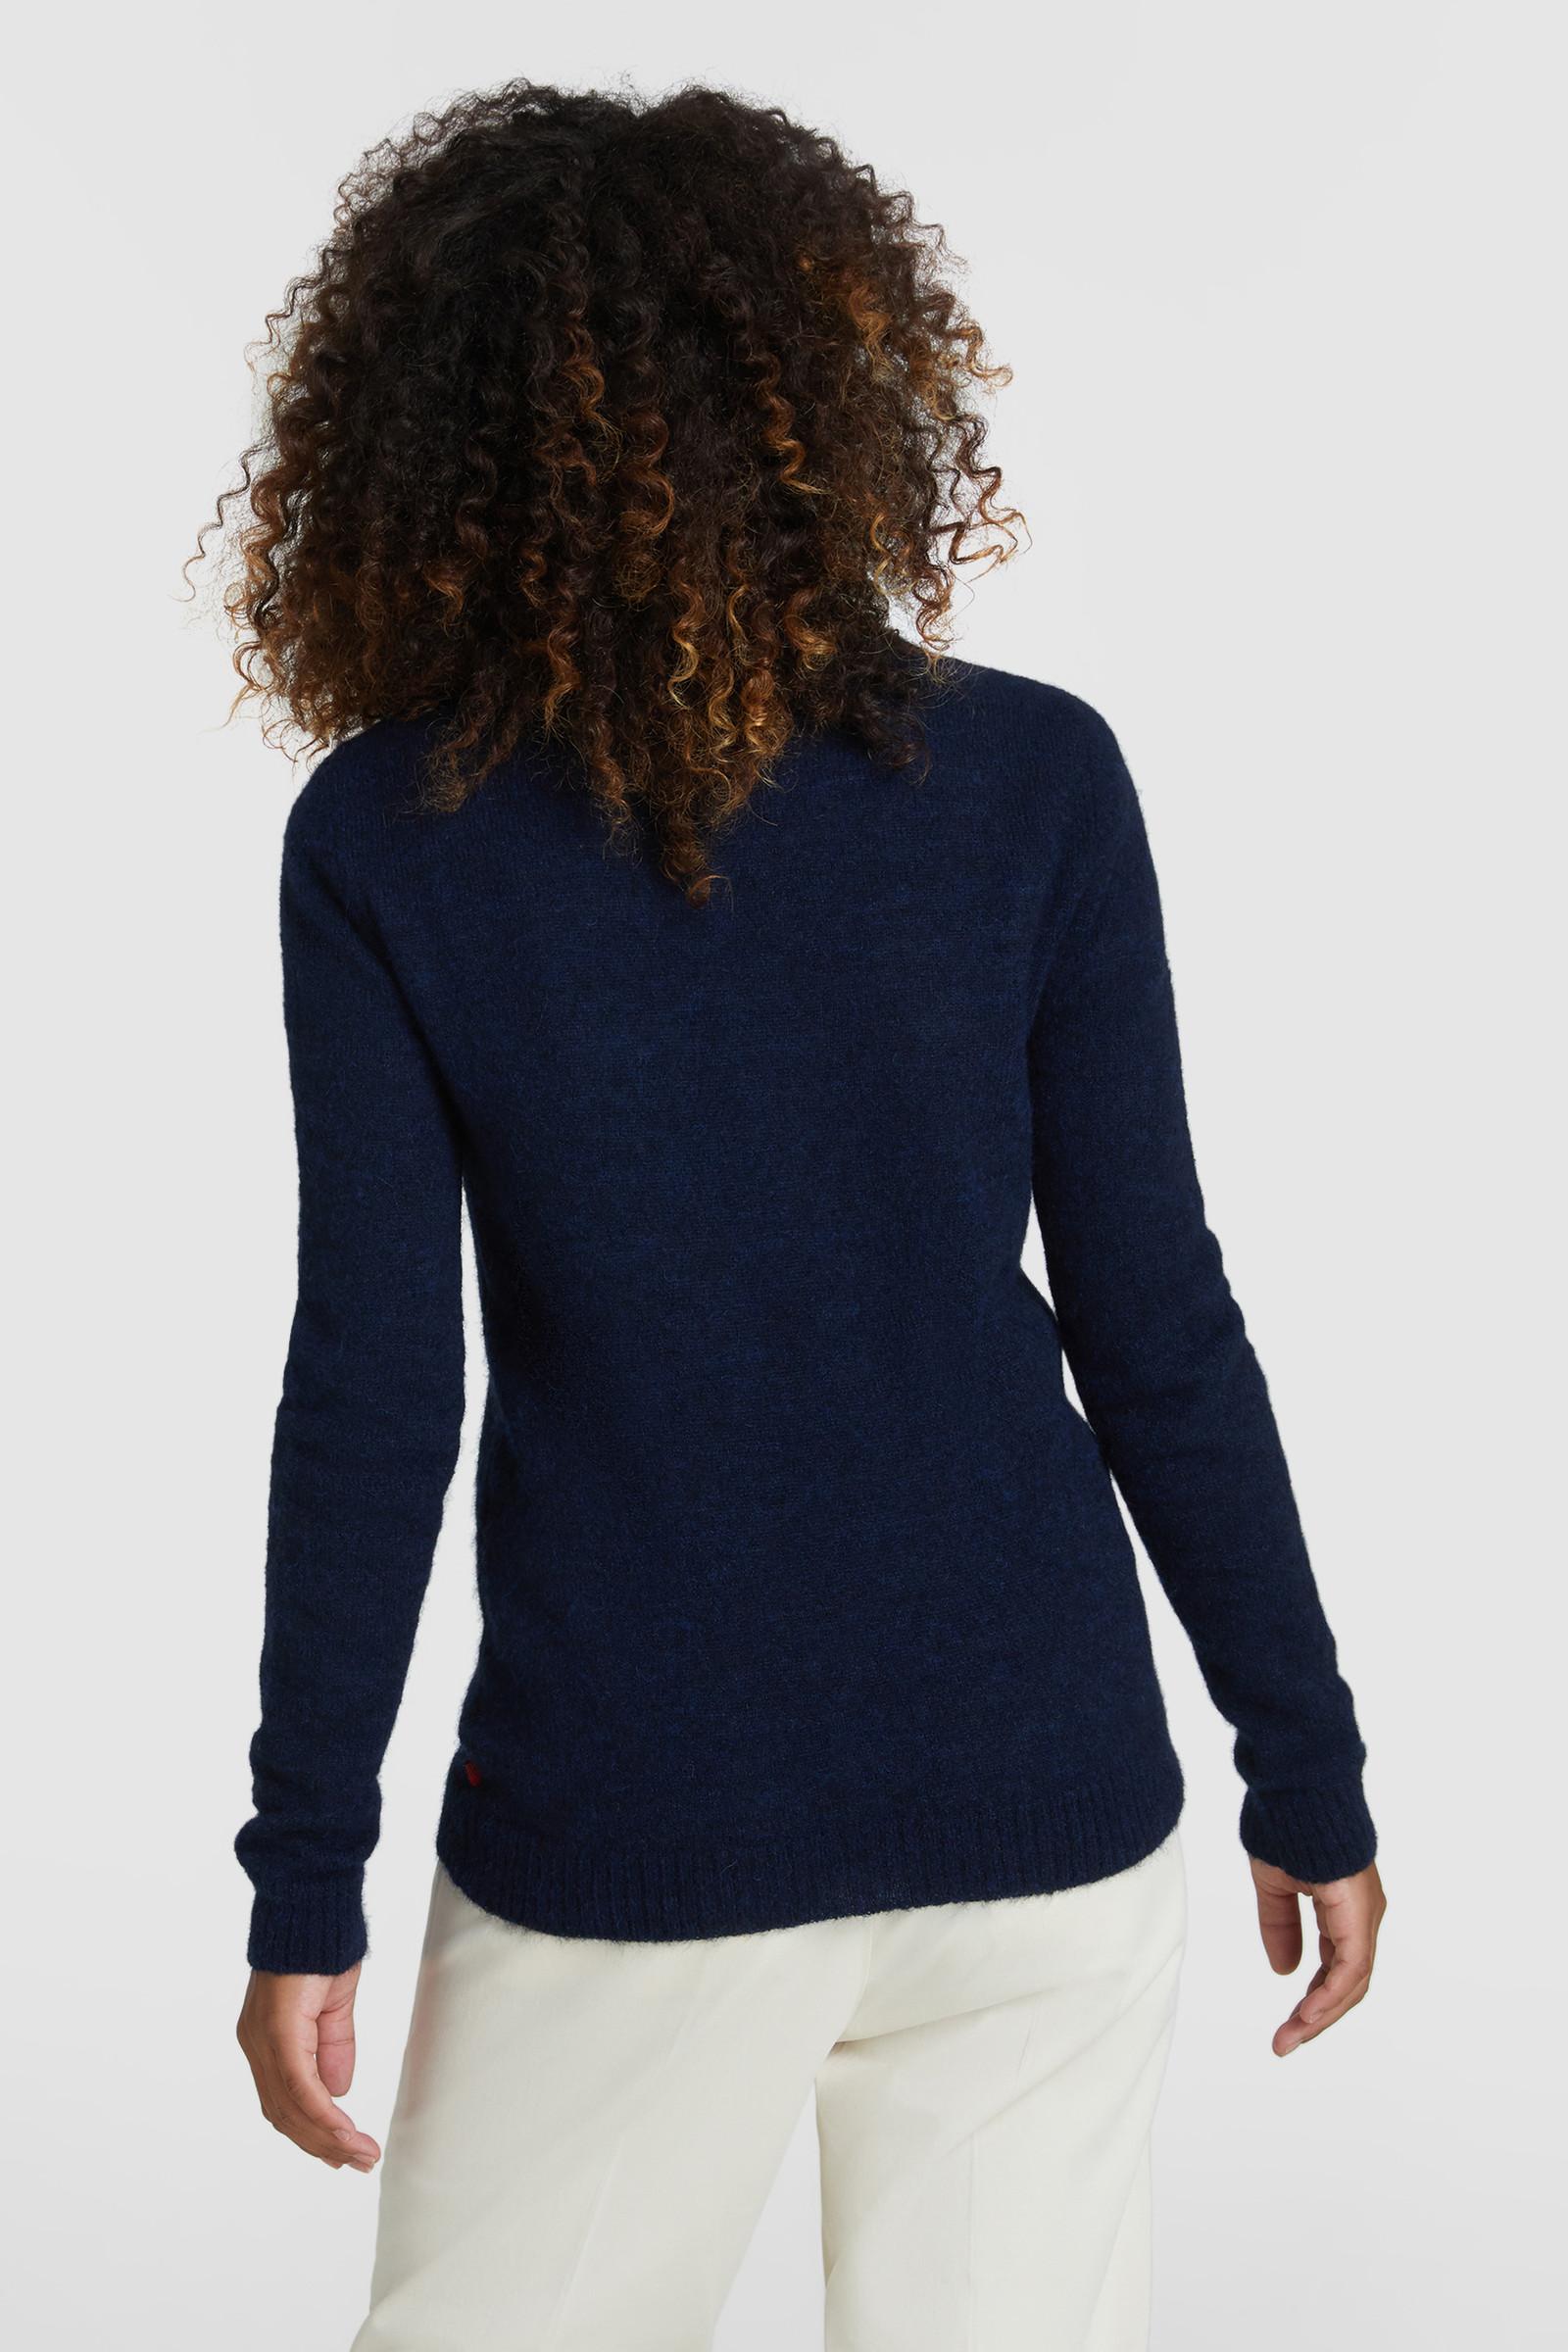 Alpaca Crewneck Sweater